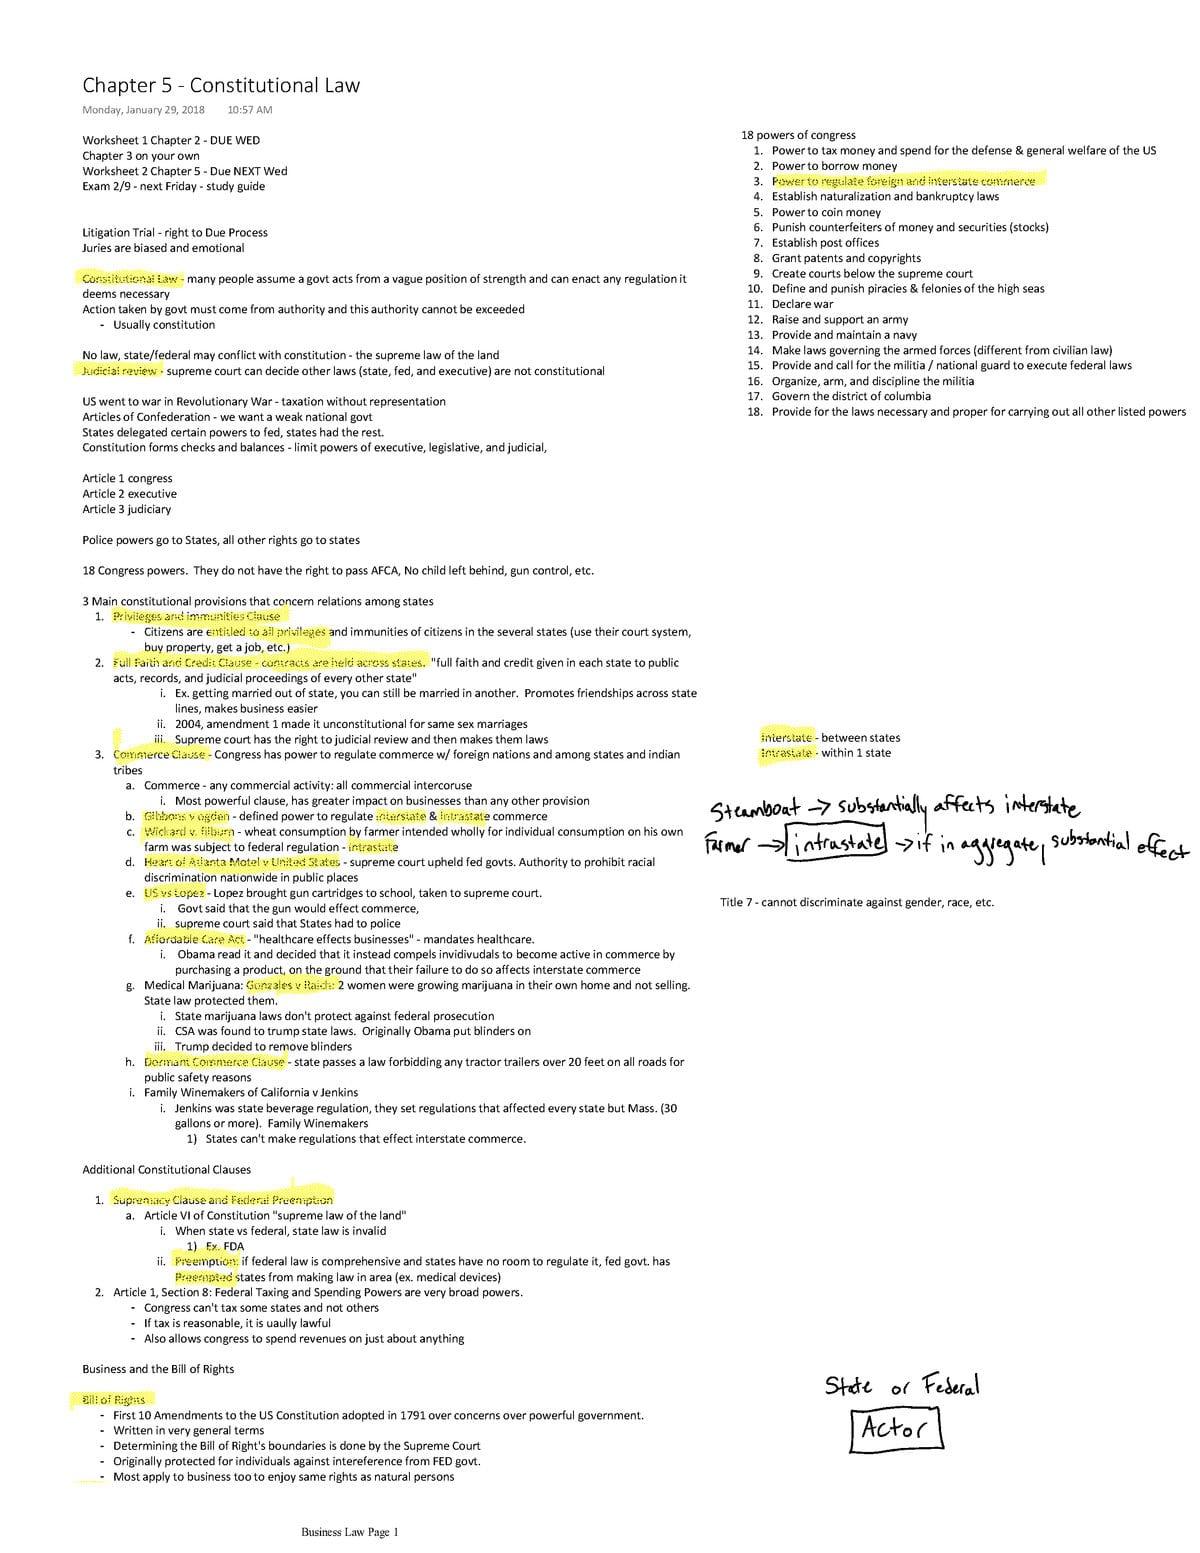 Bill Of Rights Amendments Worksheet